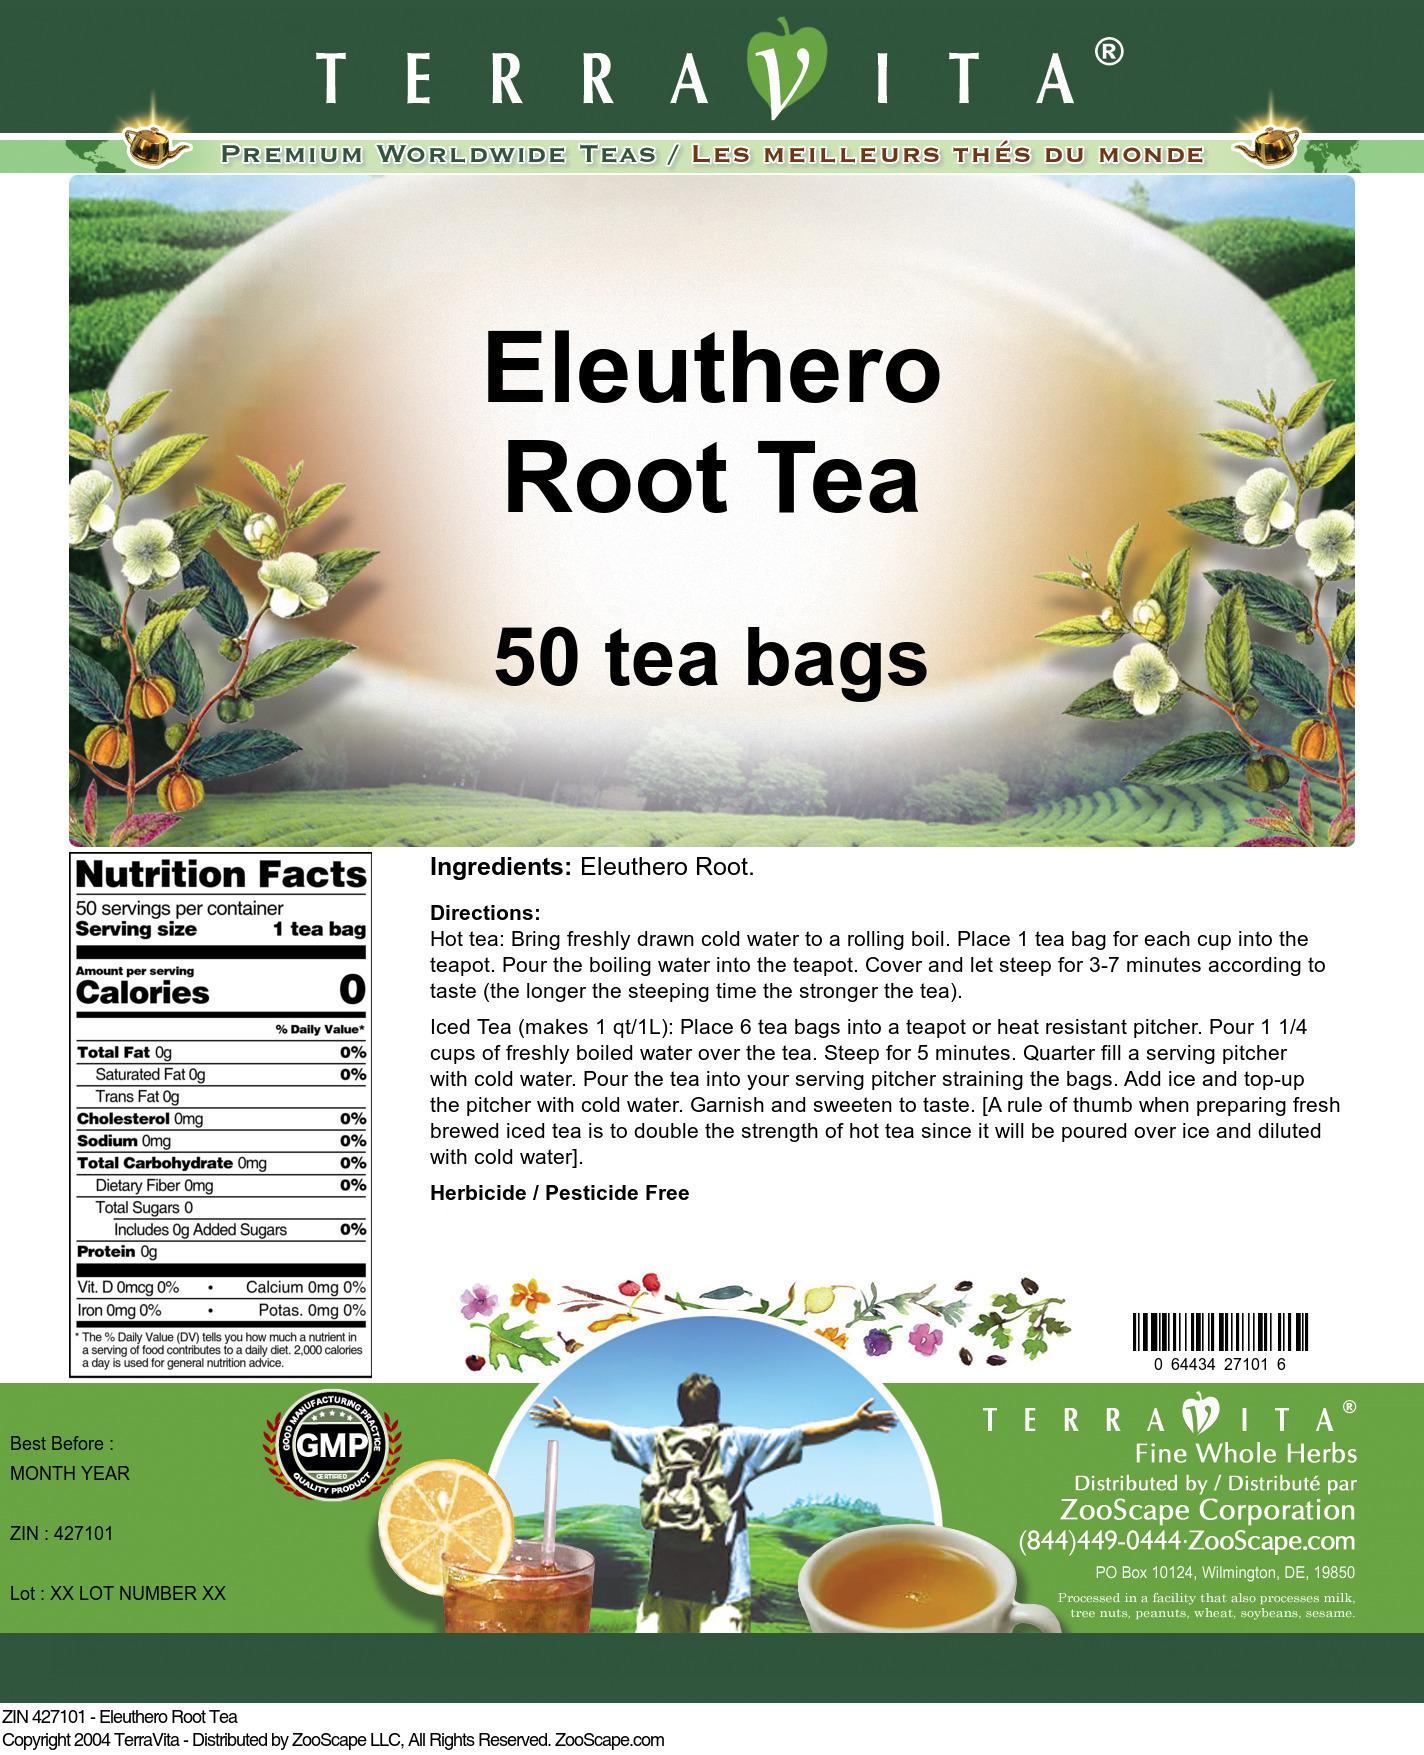 Eleuthero Root Tea